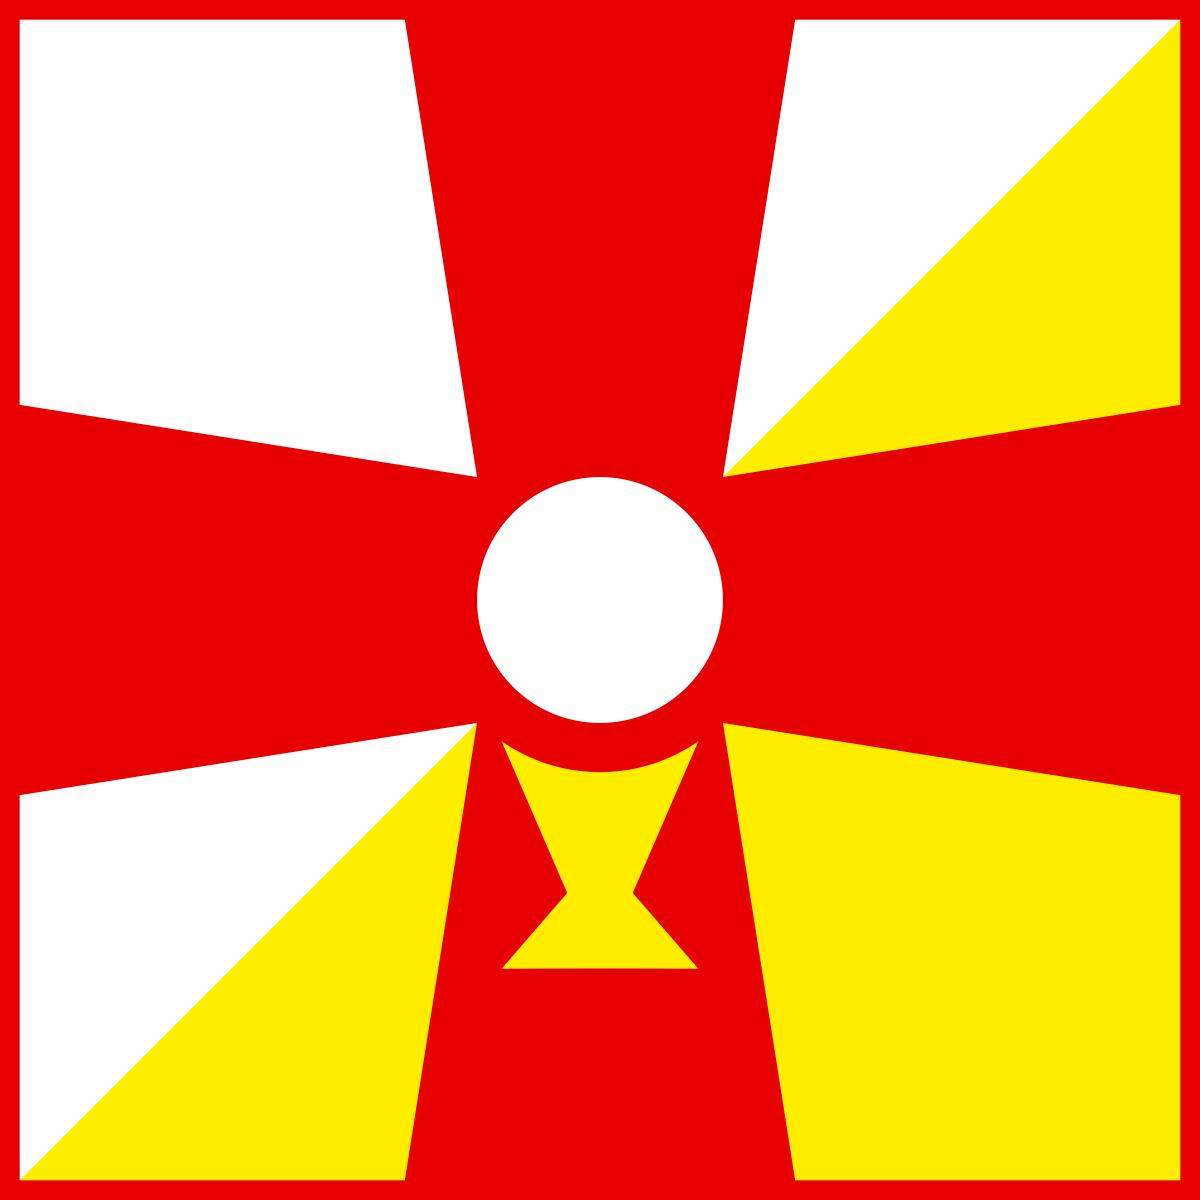 Bảng điểm sa mạc huấn luyện Huynh Trưởng Vươn Lên 4/2017